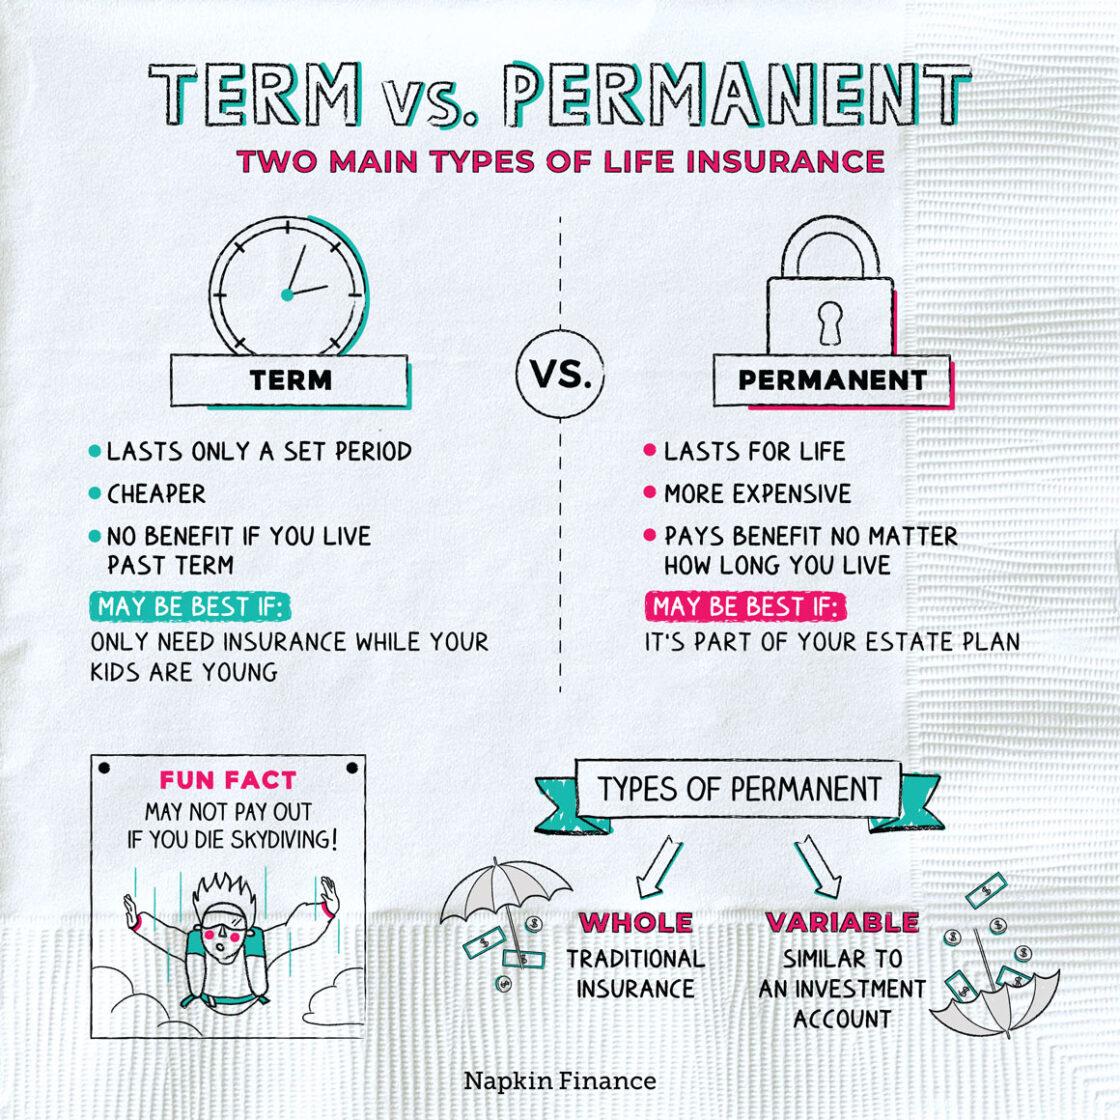 Term Vs. Permanent